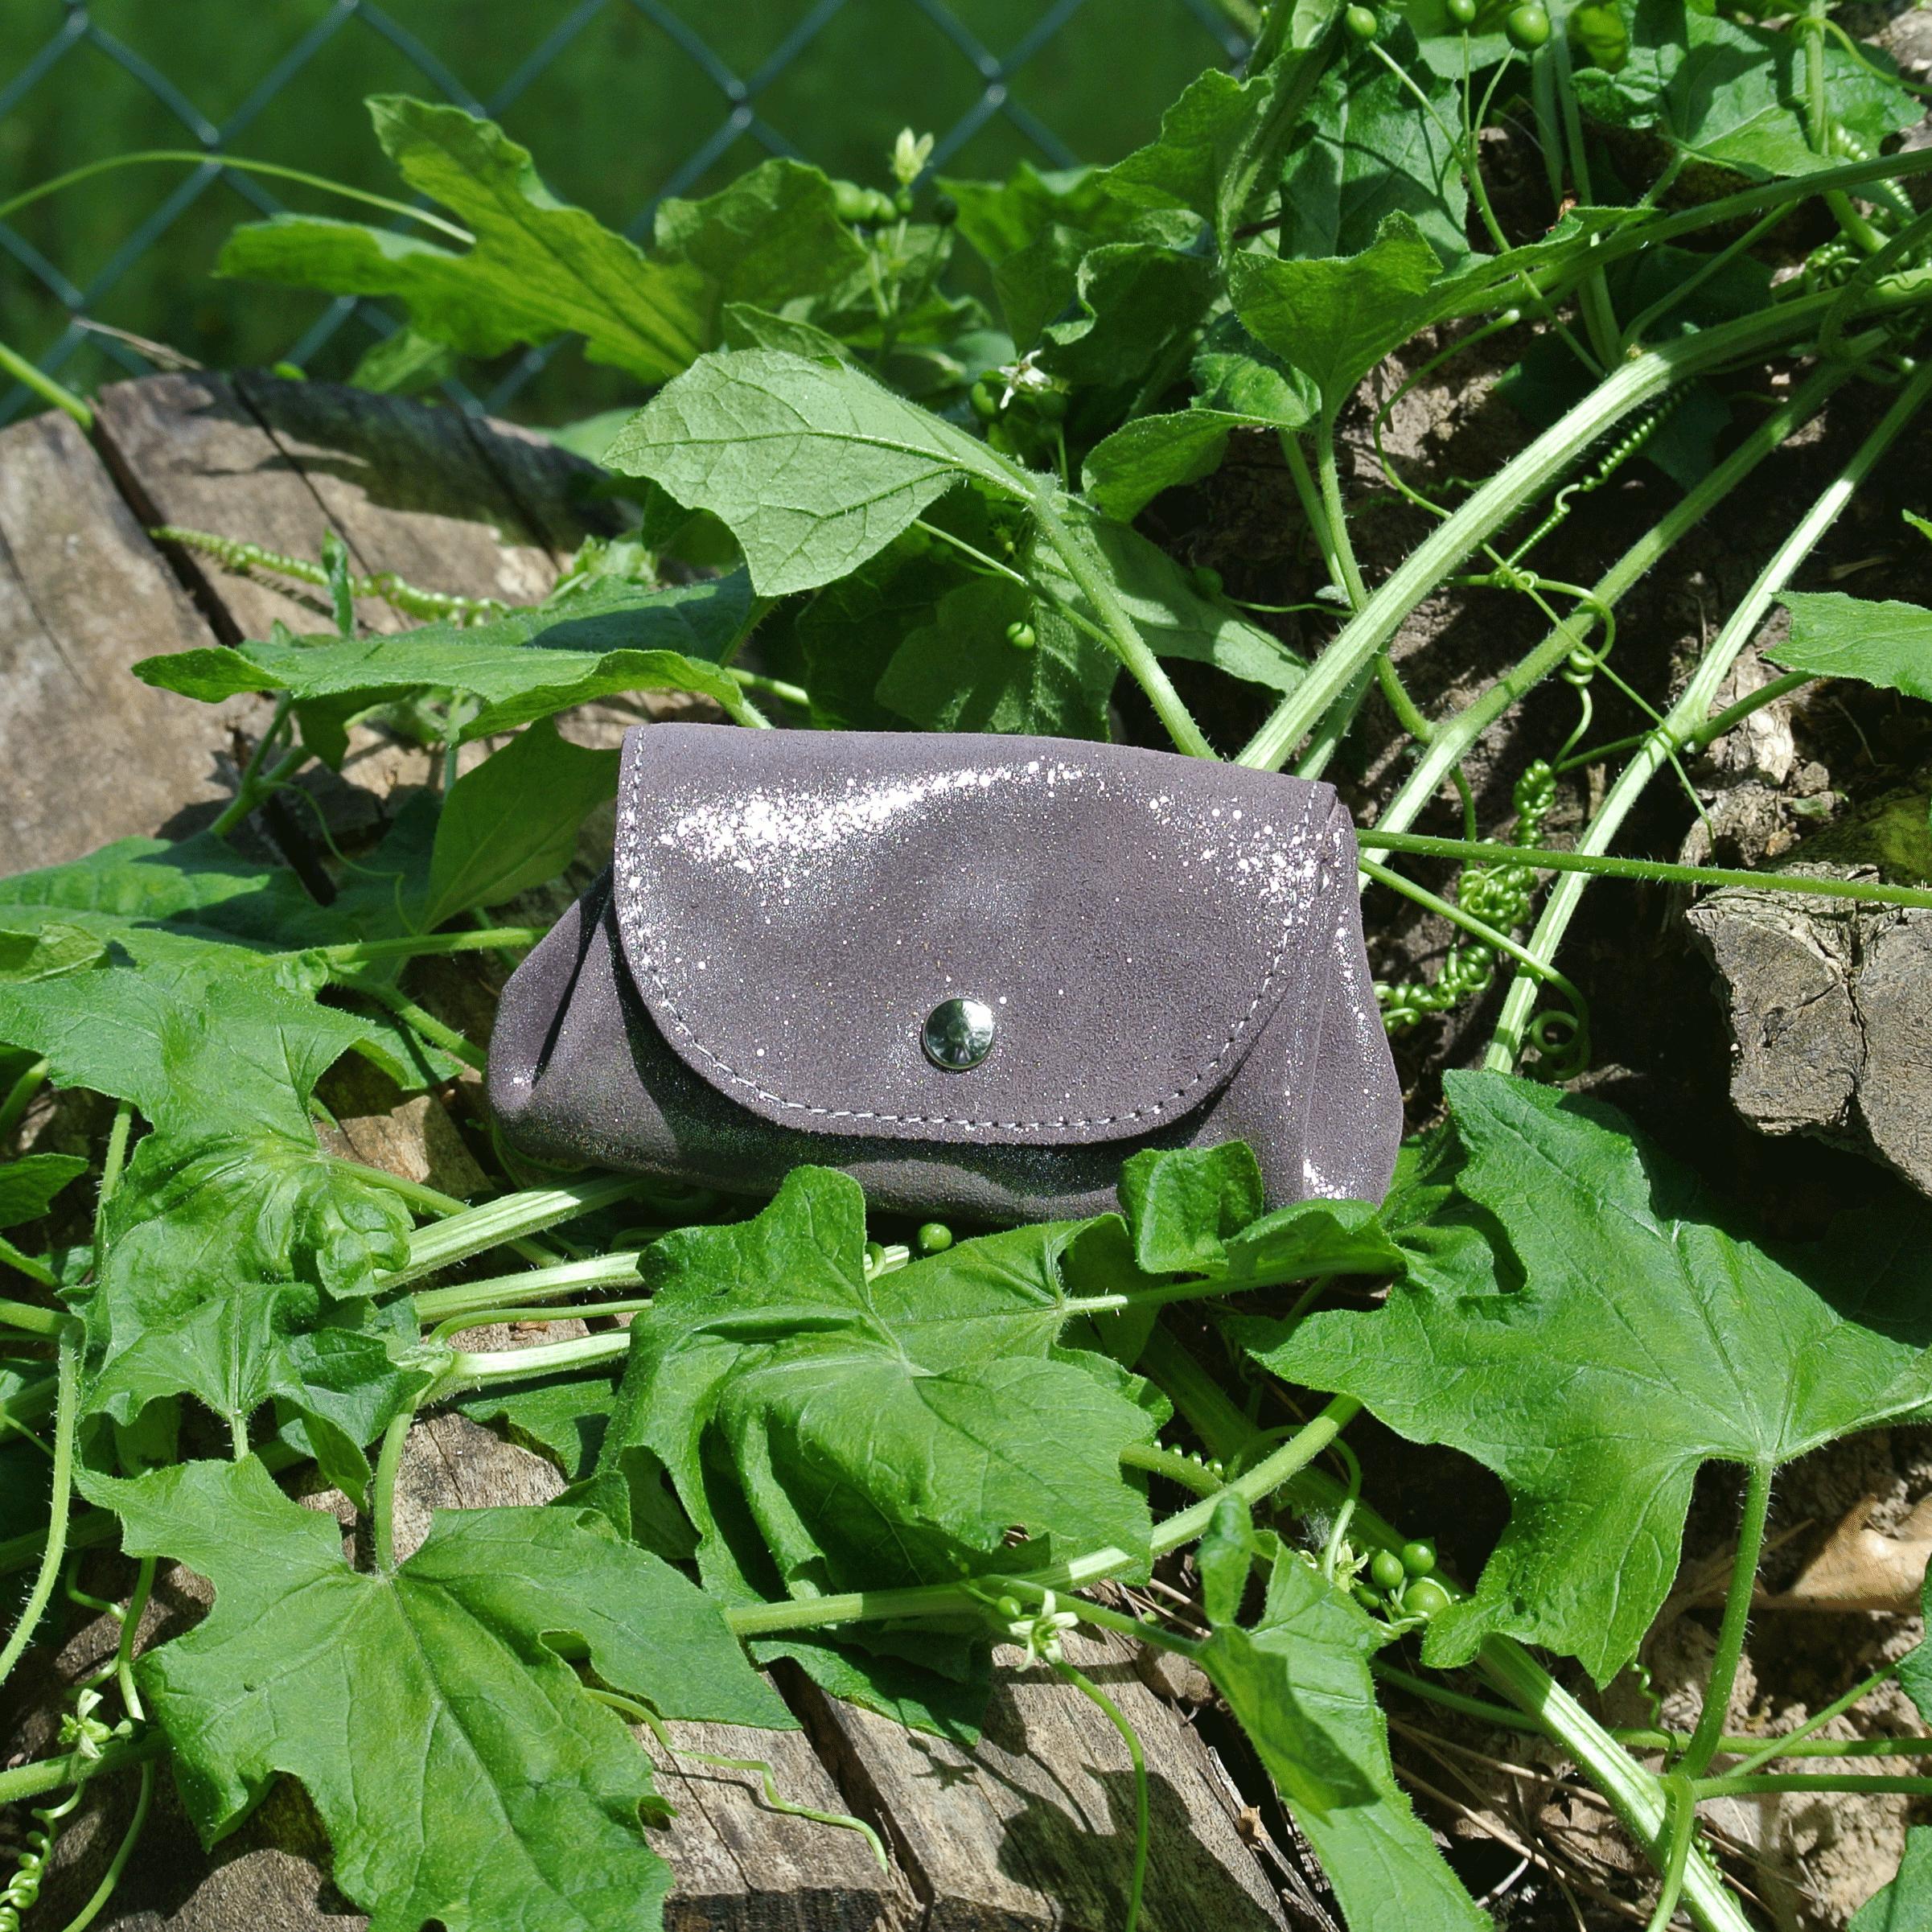 cuirs-fantaisies-la-cartabliere-fabrique-en-france-porte-monnaie-accordeon-en-cuir-paillete-bourgogne-argente